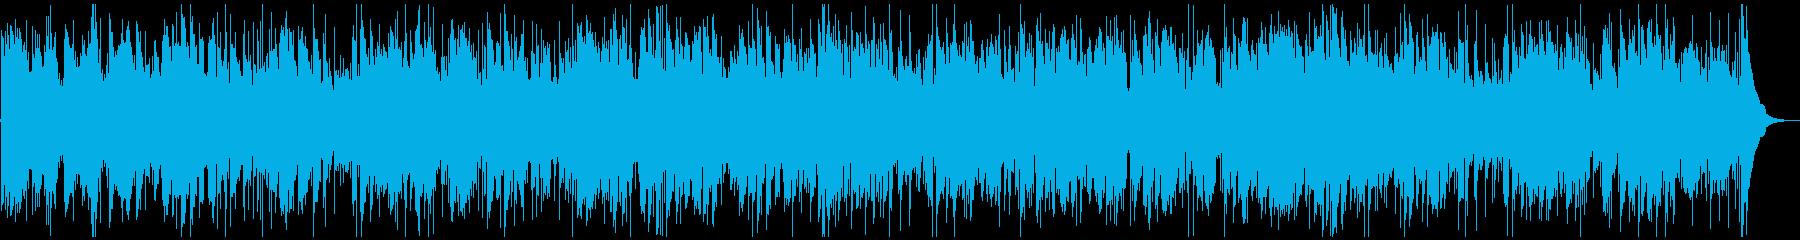 スローテンポ、モダンカントリーバラードの再生済みの波形